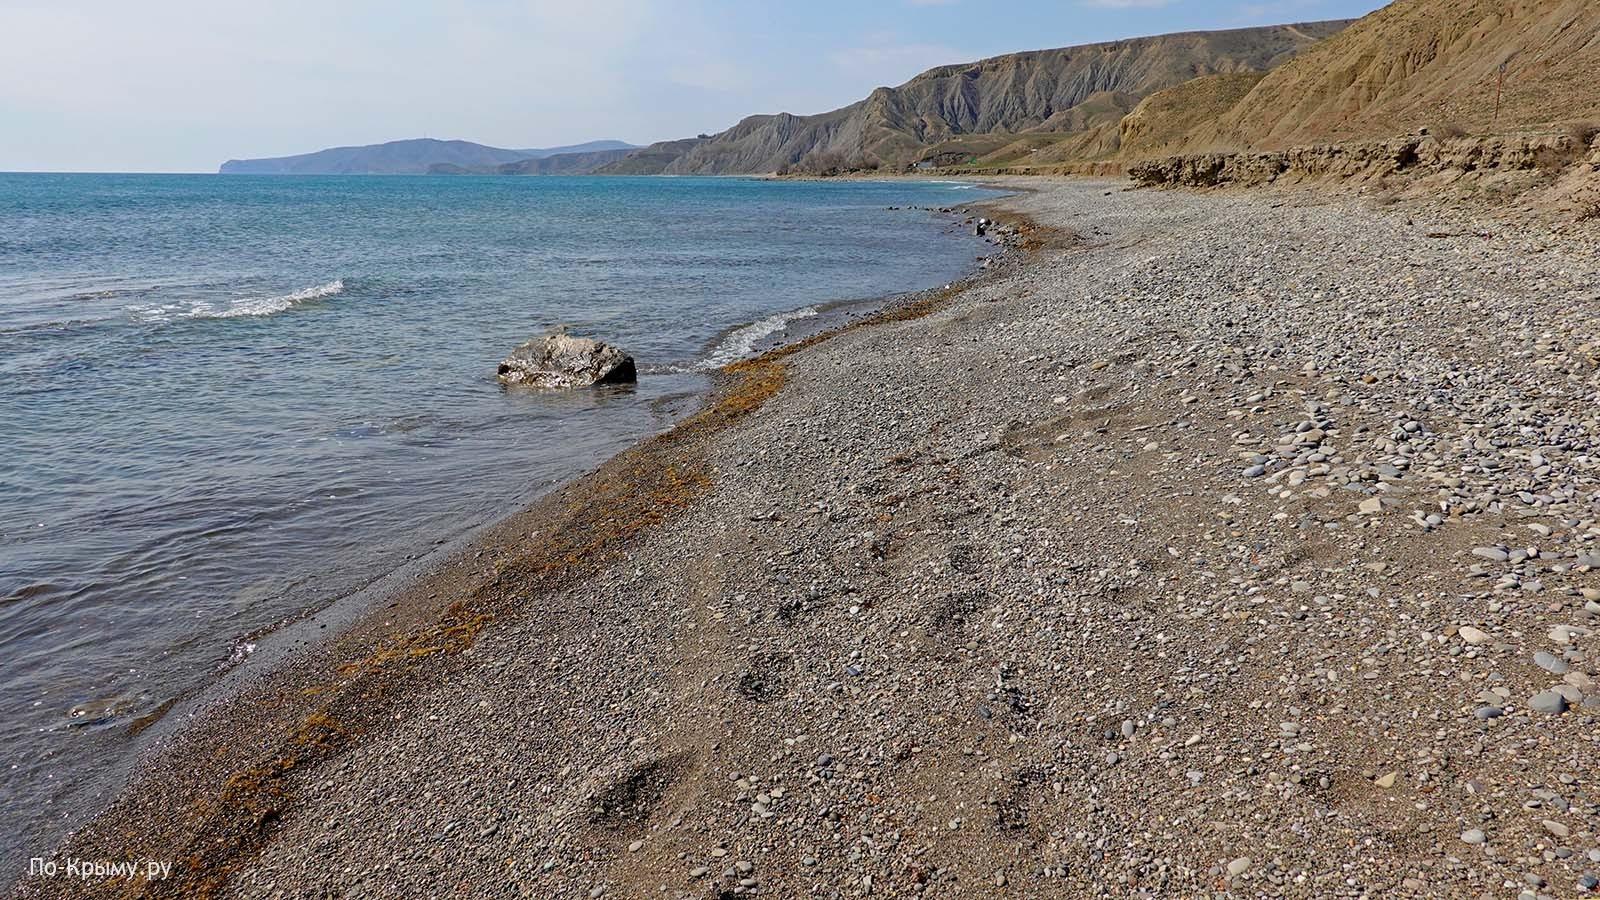 Лисья бухта - нудистский пляж и заповедник Эчки-Даг